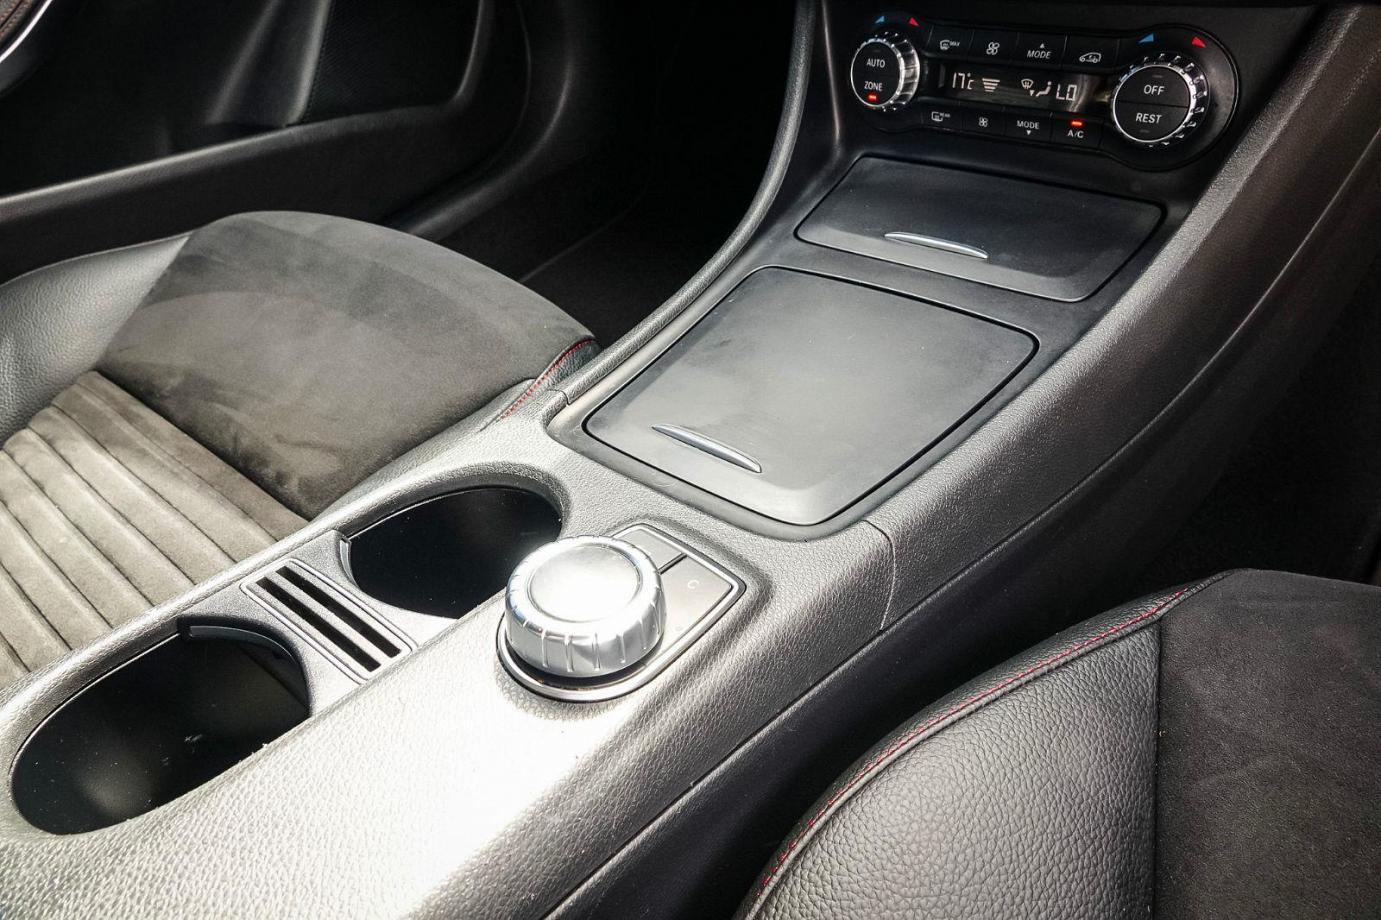 2014 Mercedes-Benz CLA-Class C117 CLA200 Coupe 4dr DCT 7sp 1.6T Jun